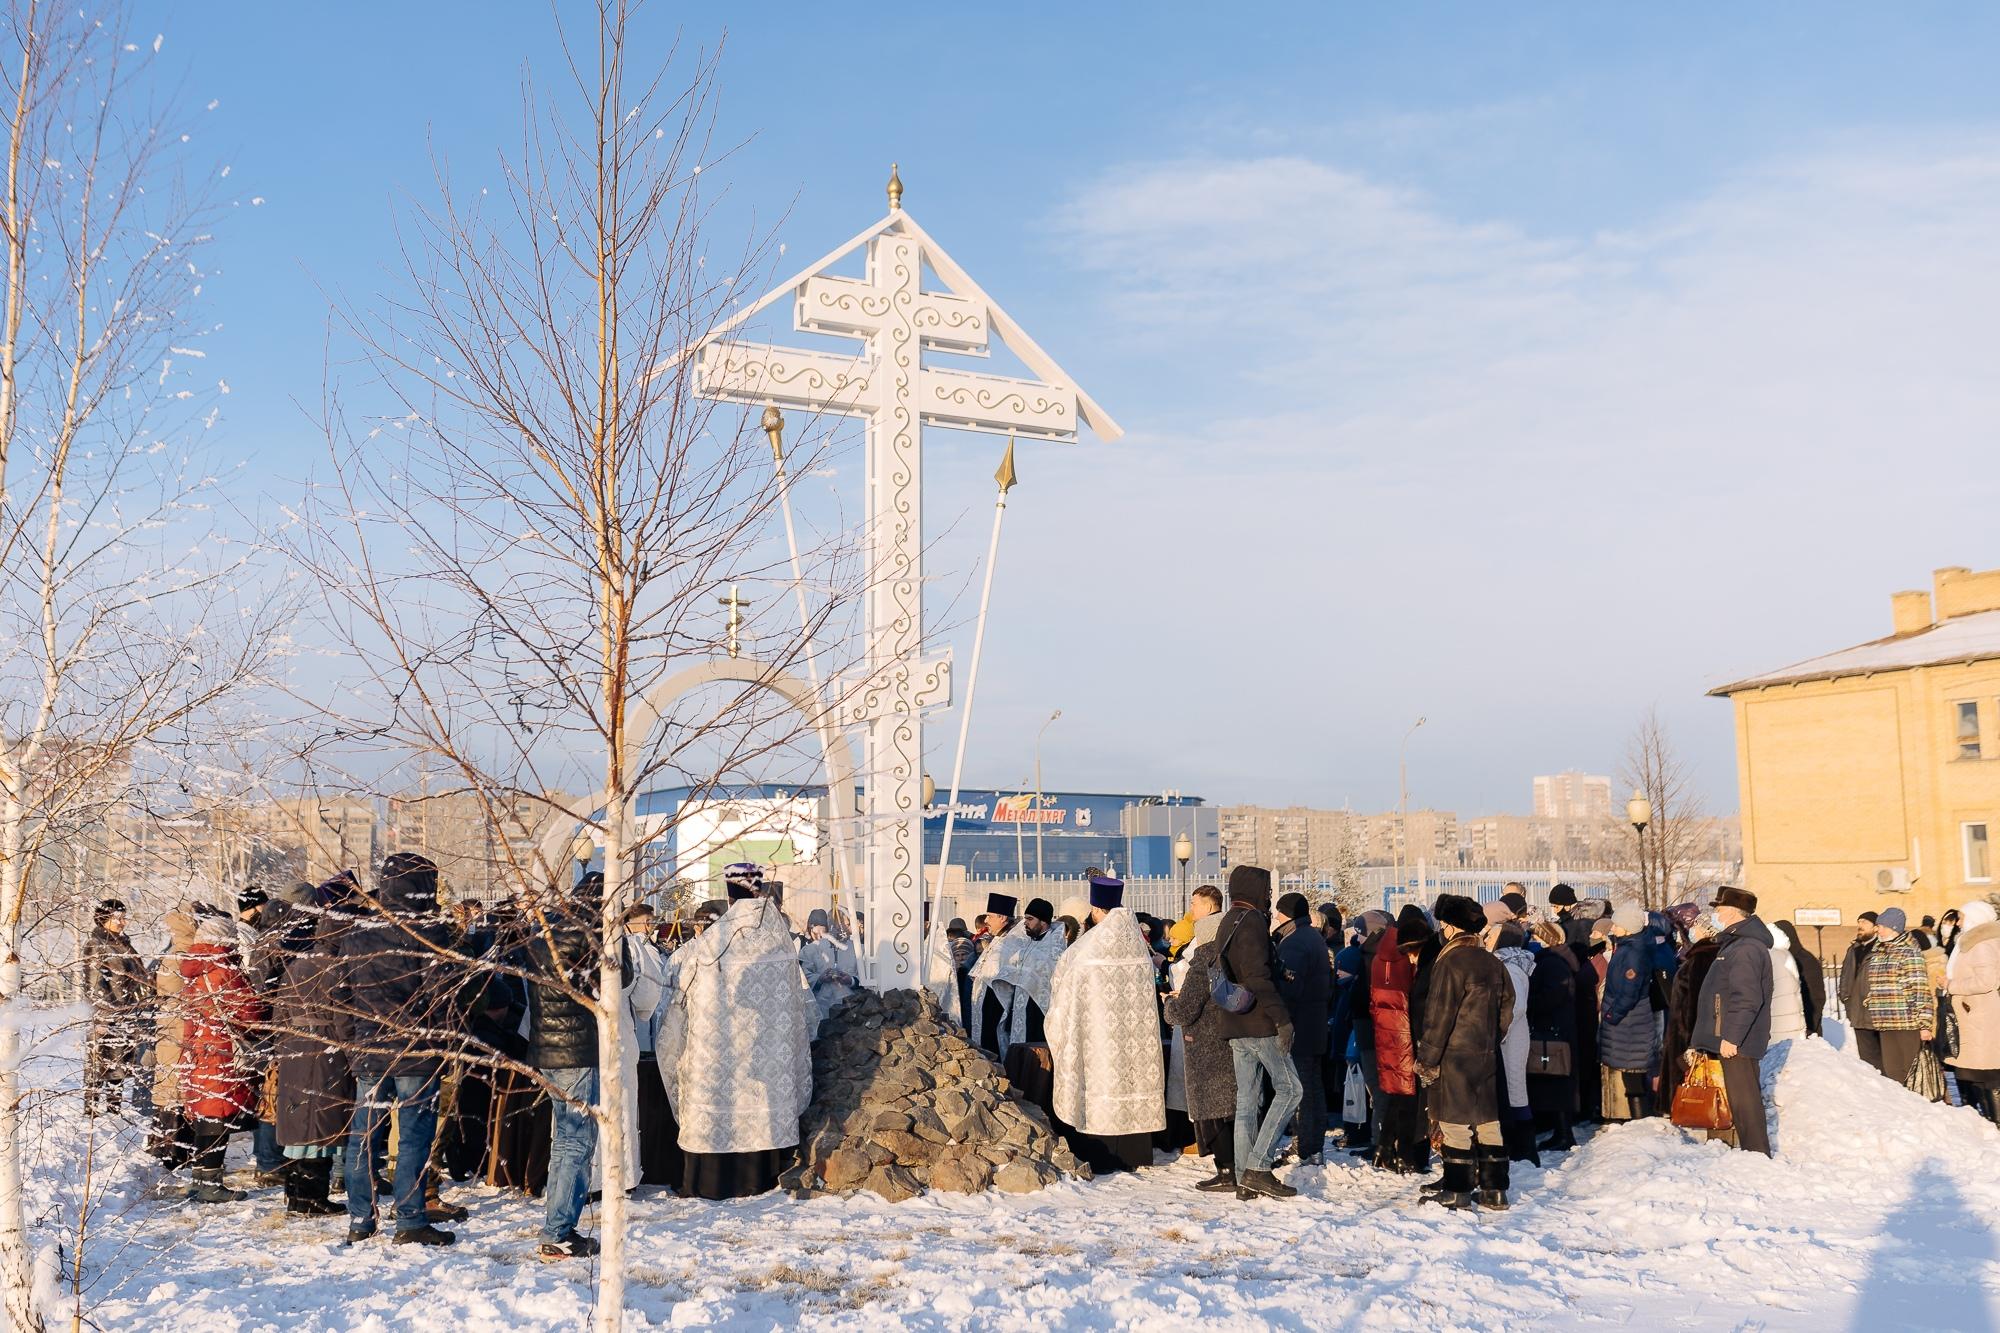 Освящение поклонного креста в память о погибших 31 декабря 2018 года при обрушении дома в г. Магнитогорске